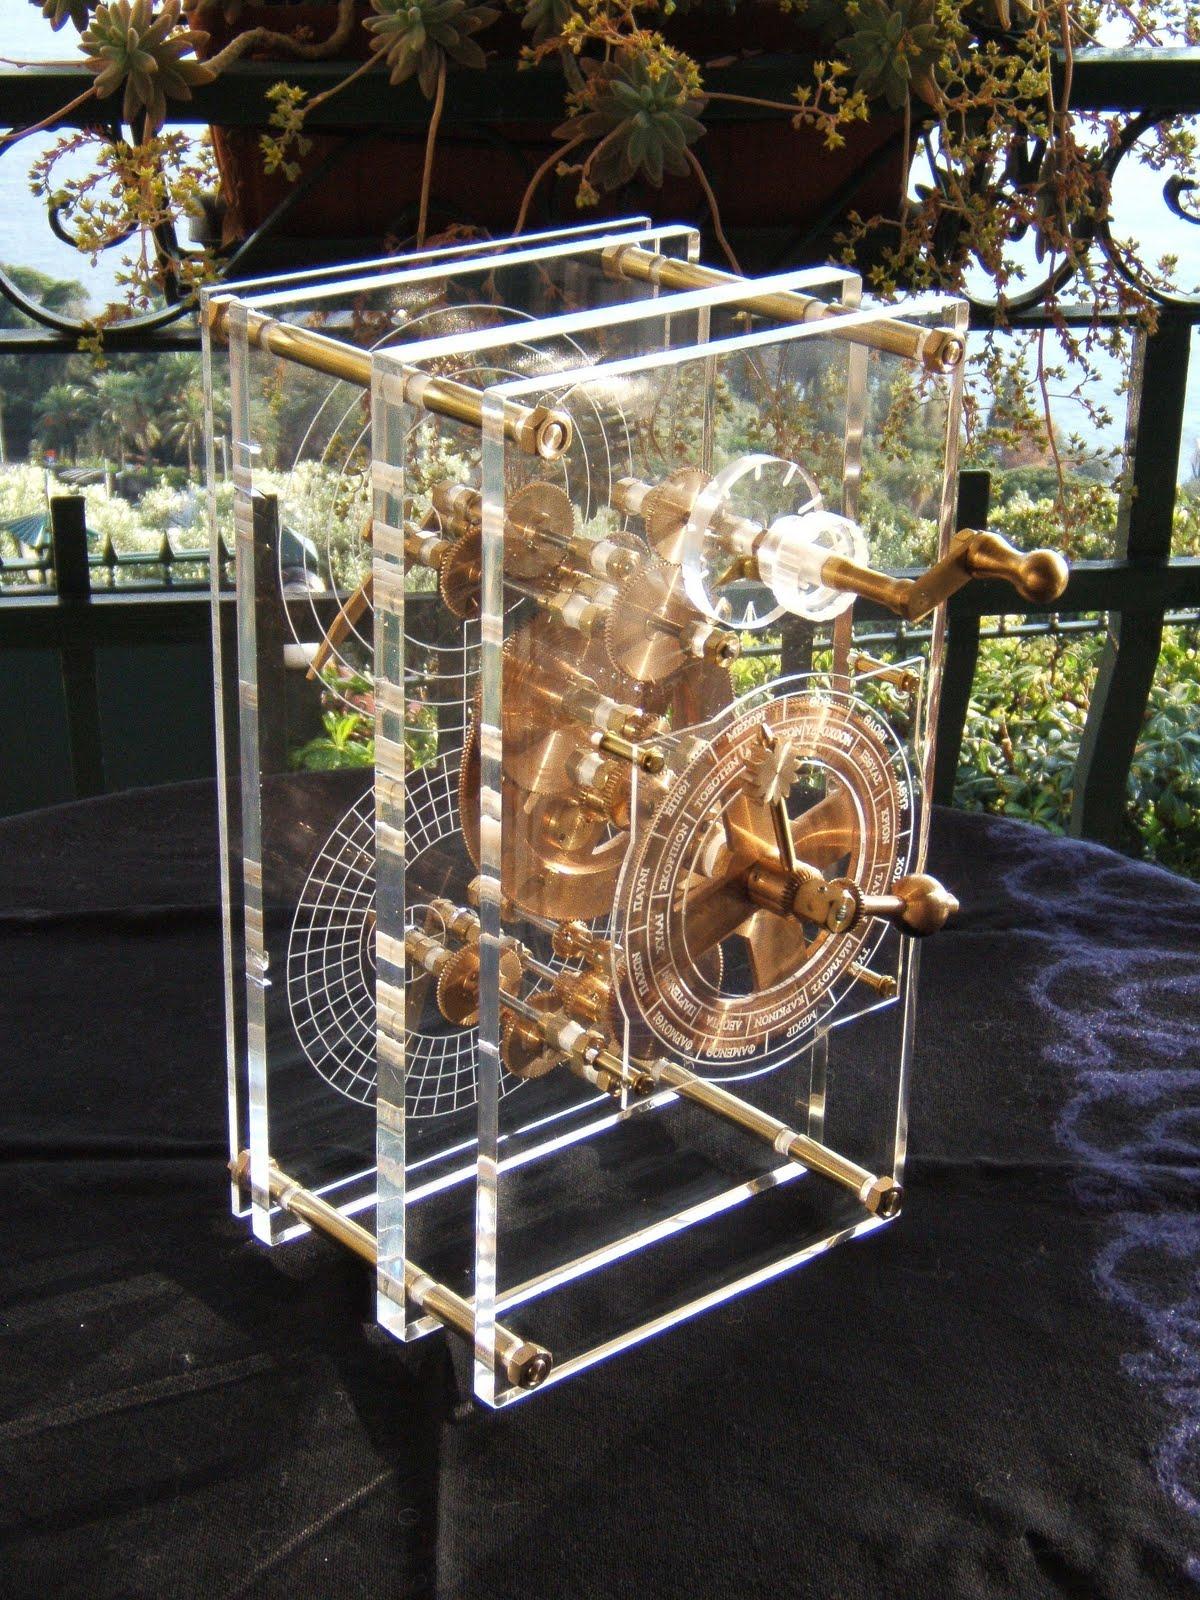 http://4.bp.blogspot.com/-G9AnGFNJvxc/TlpzFwwAPyI/AAAAAAAAANQ/Z6RQJjMGJwQ/s1600/Antikythera_model_front_panel_Mogi_Vicentini_2007.JPG